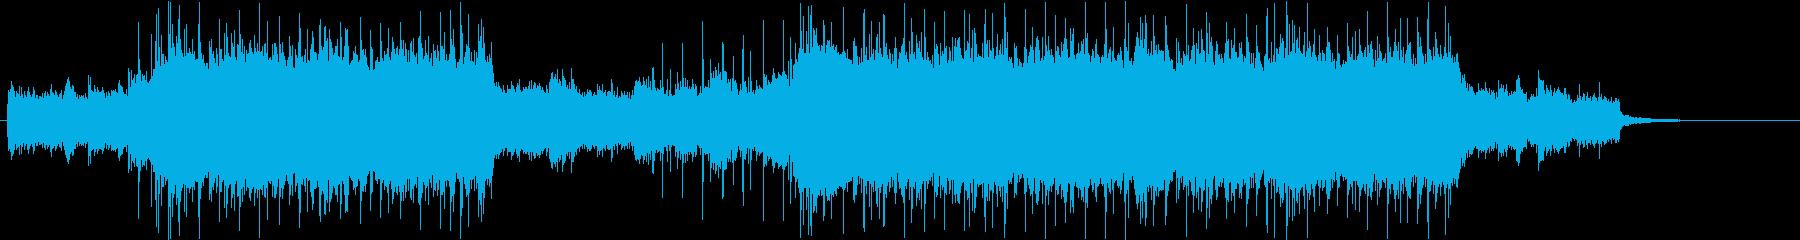 戦闘シーン(レイドボス)の再生済みの波形